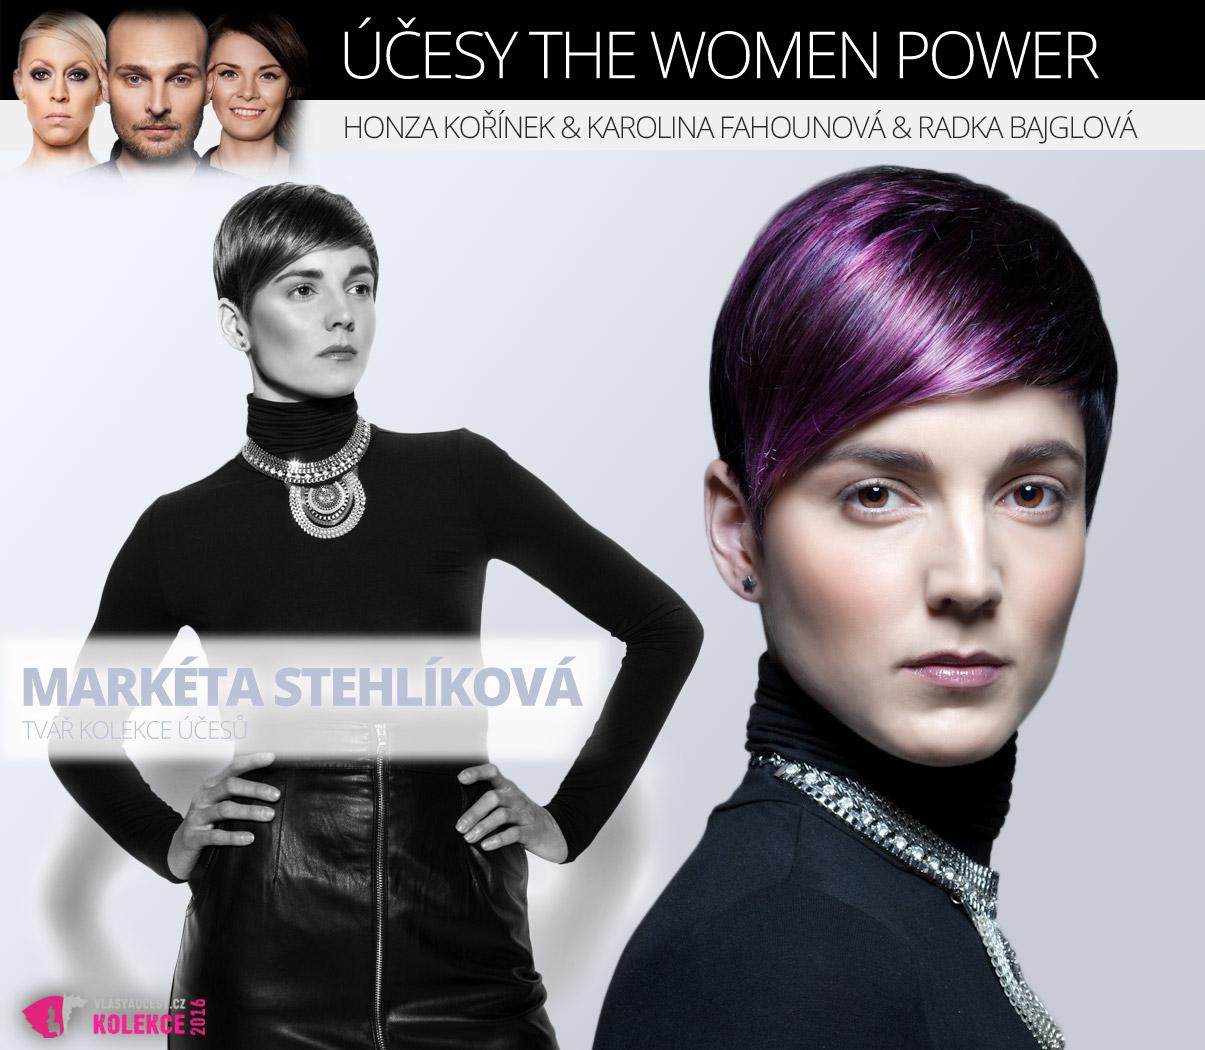 Tvář kolekce účesů The Women Power by Honza Kořínek: Markéta Stehlíková